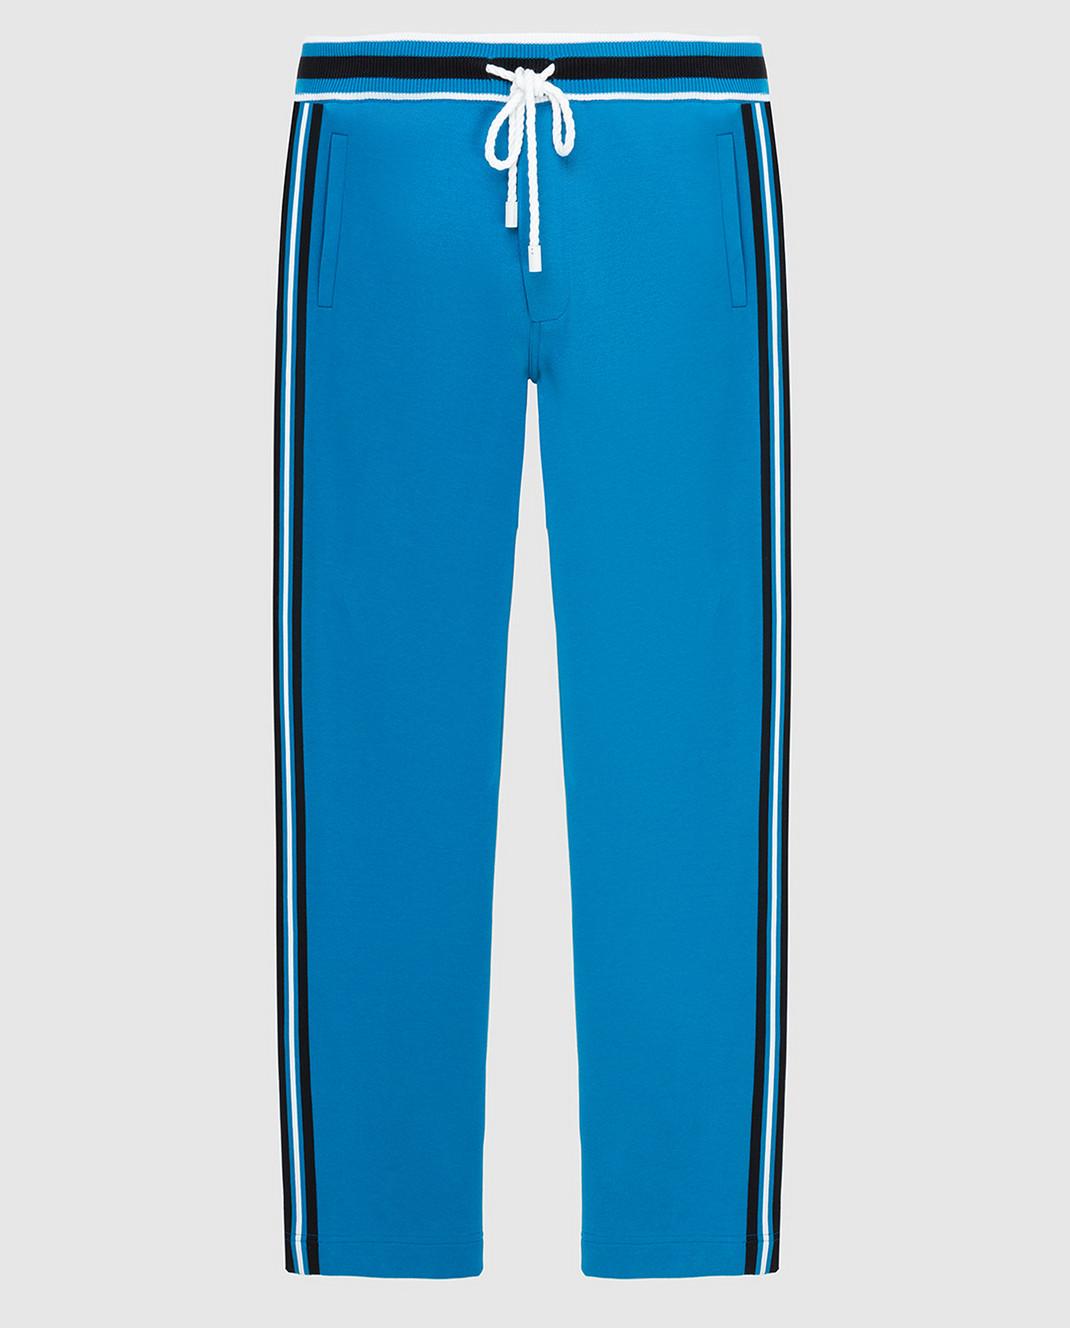 Stefano Ricci Синие спортивные брюки изображение 1